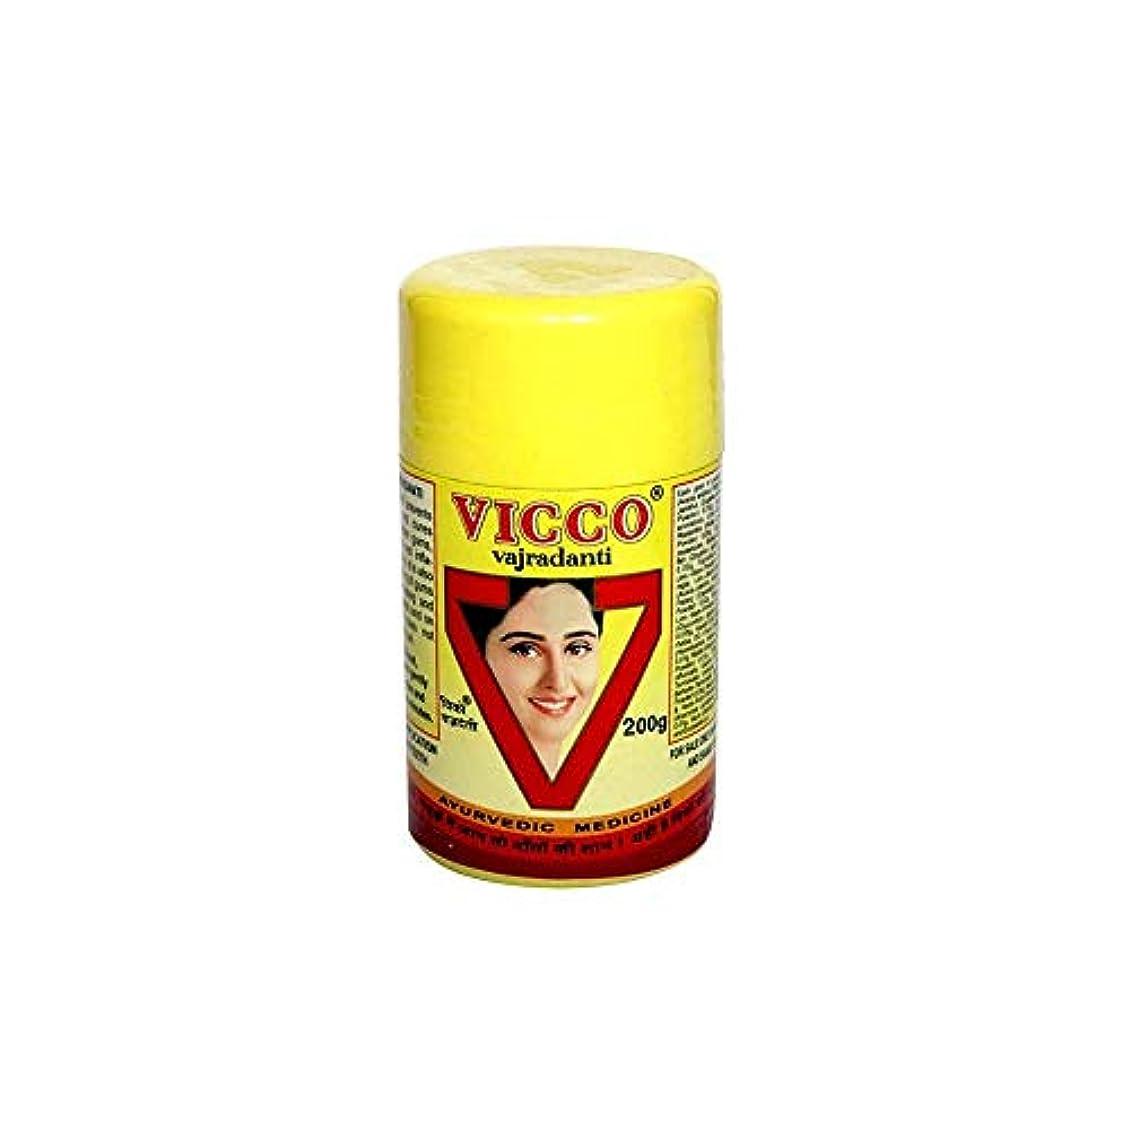 送信するカウンタごみVicco Vajradanti Ayurvedic Herbal Tooth Powder 200g Prevents Tooth Decay Cures by Vicco Lab